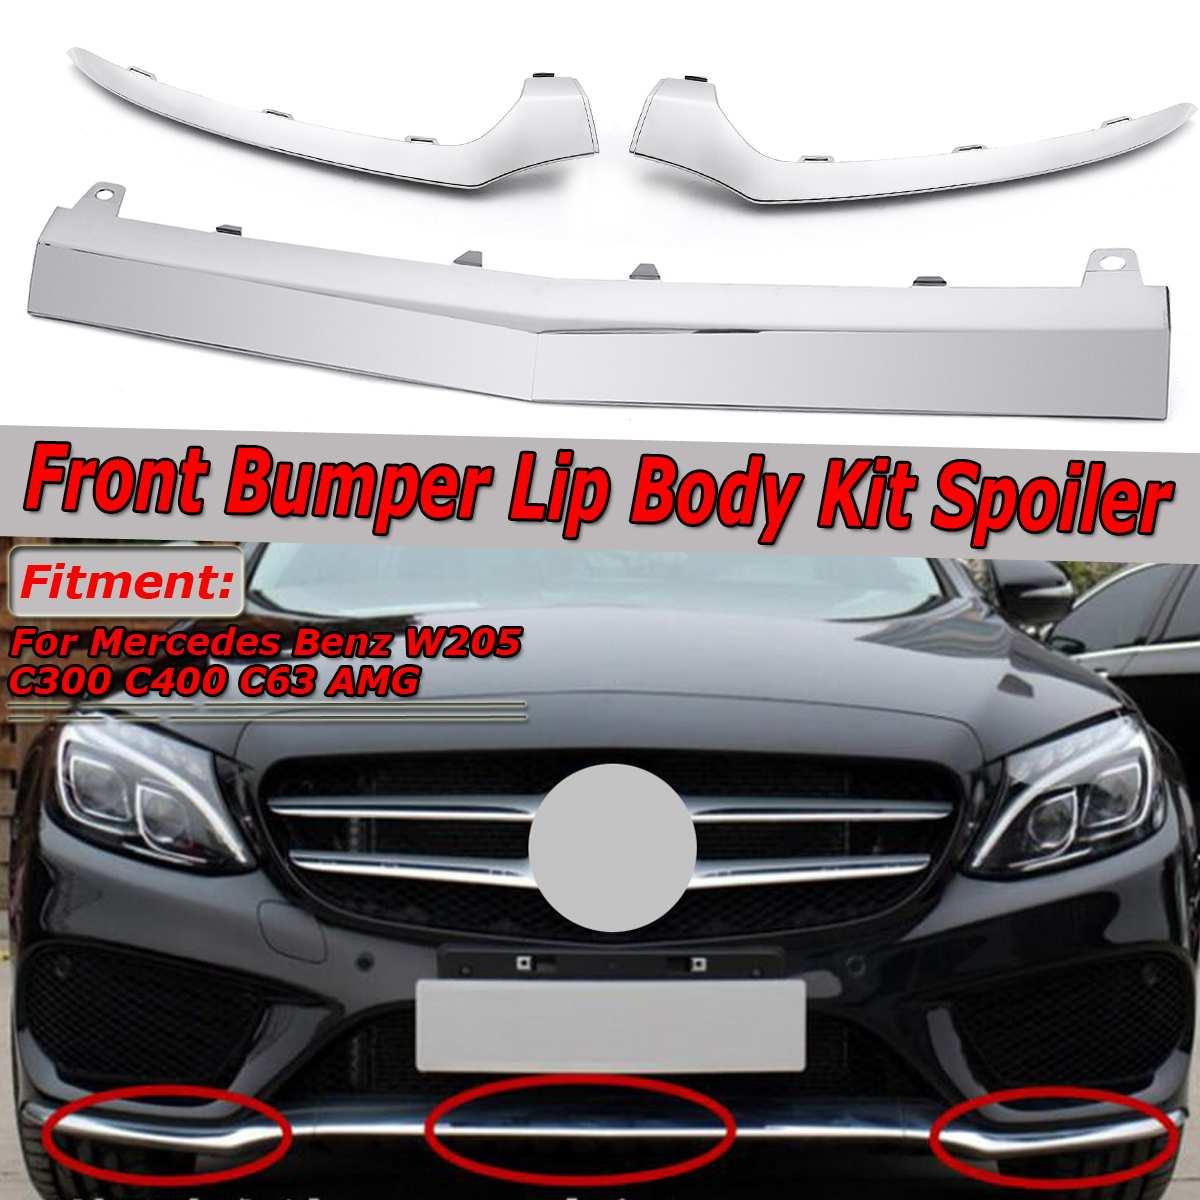 Krom/siyah araba ön alt ÖN TAMPON Splitter krom kalıp kapağı Trim için Mercedes Benz için W205 C300 C400 C63 AMG